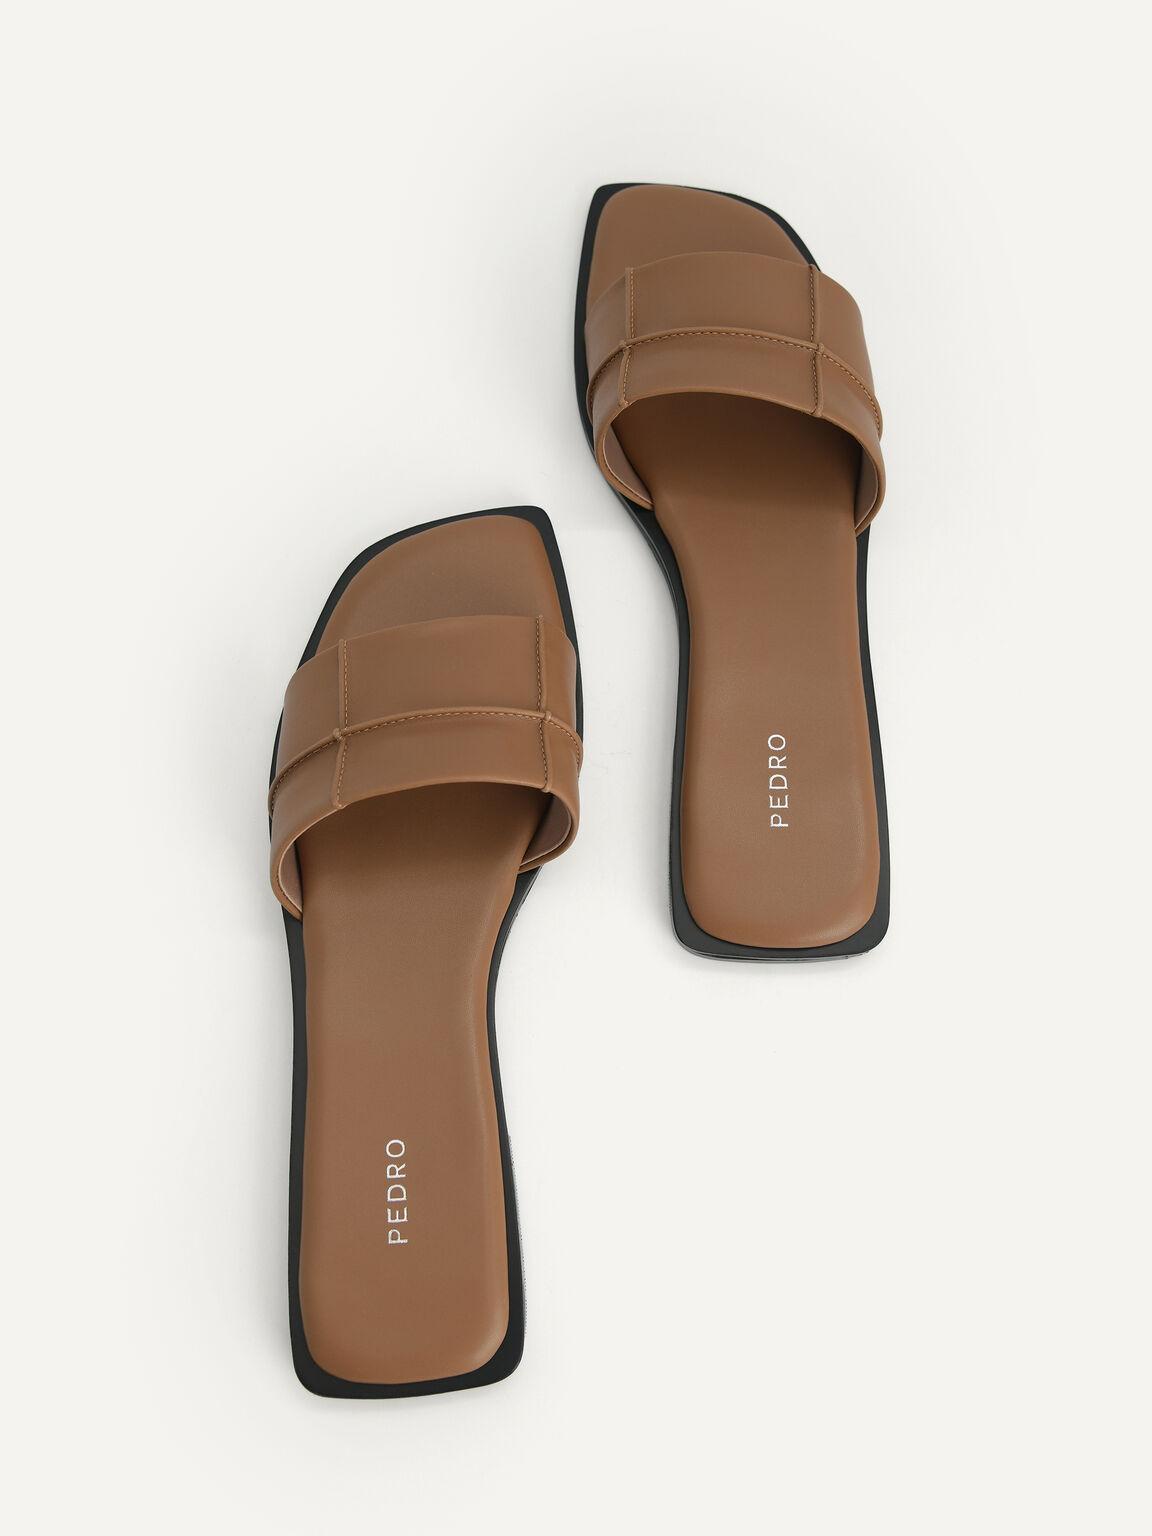 Slide Sandals, Brown, hi-res